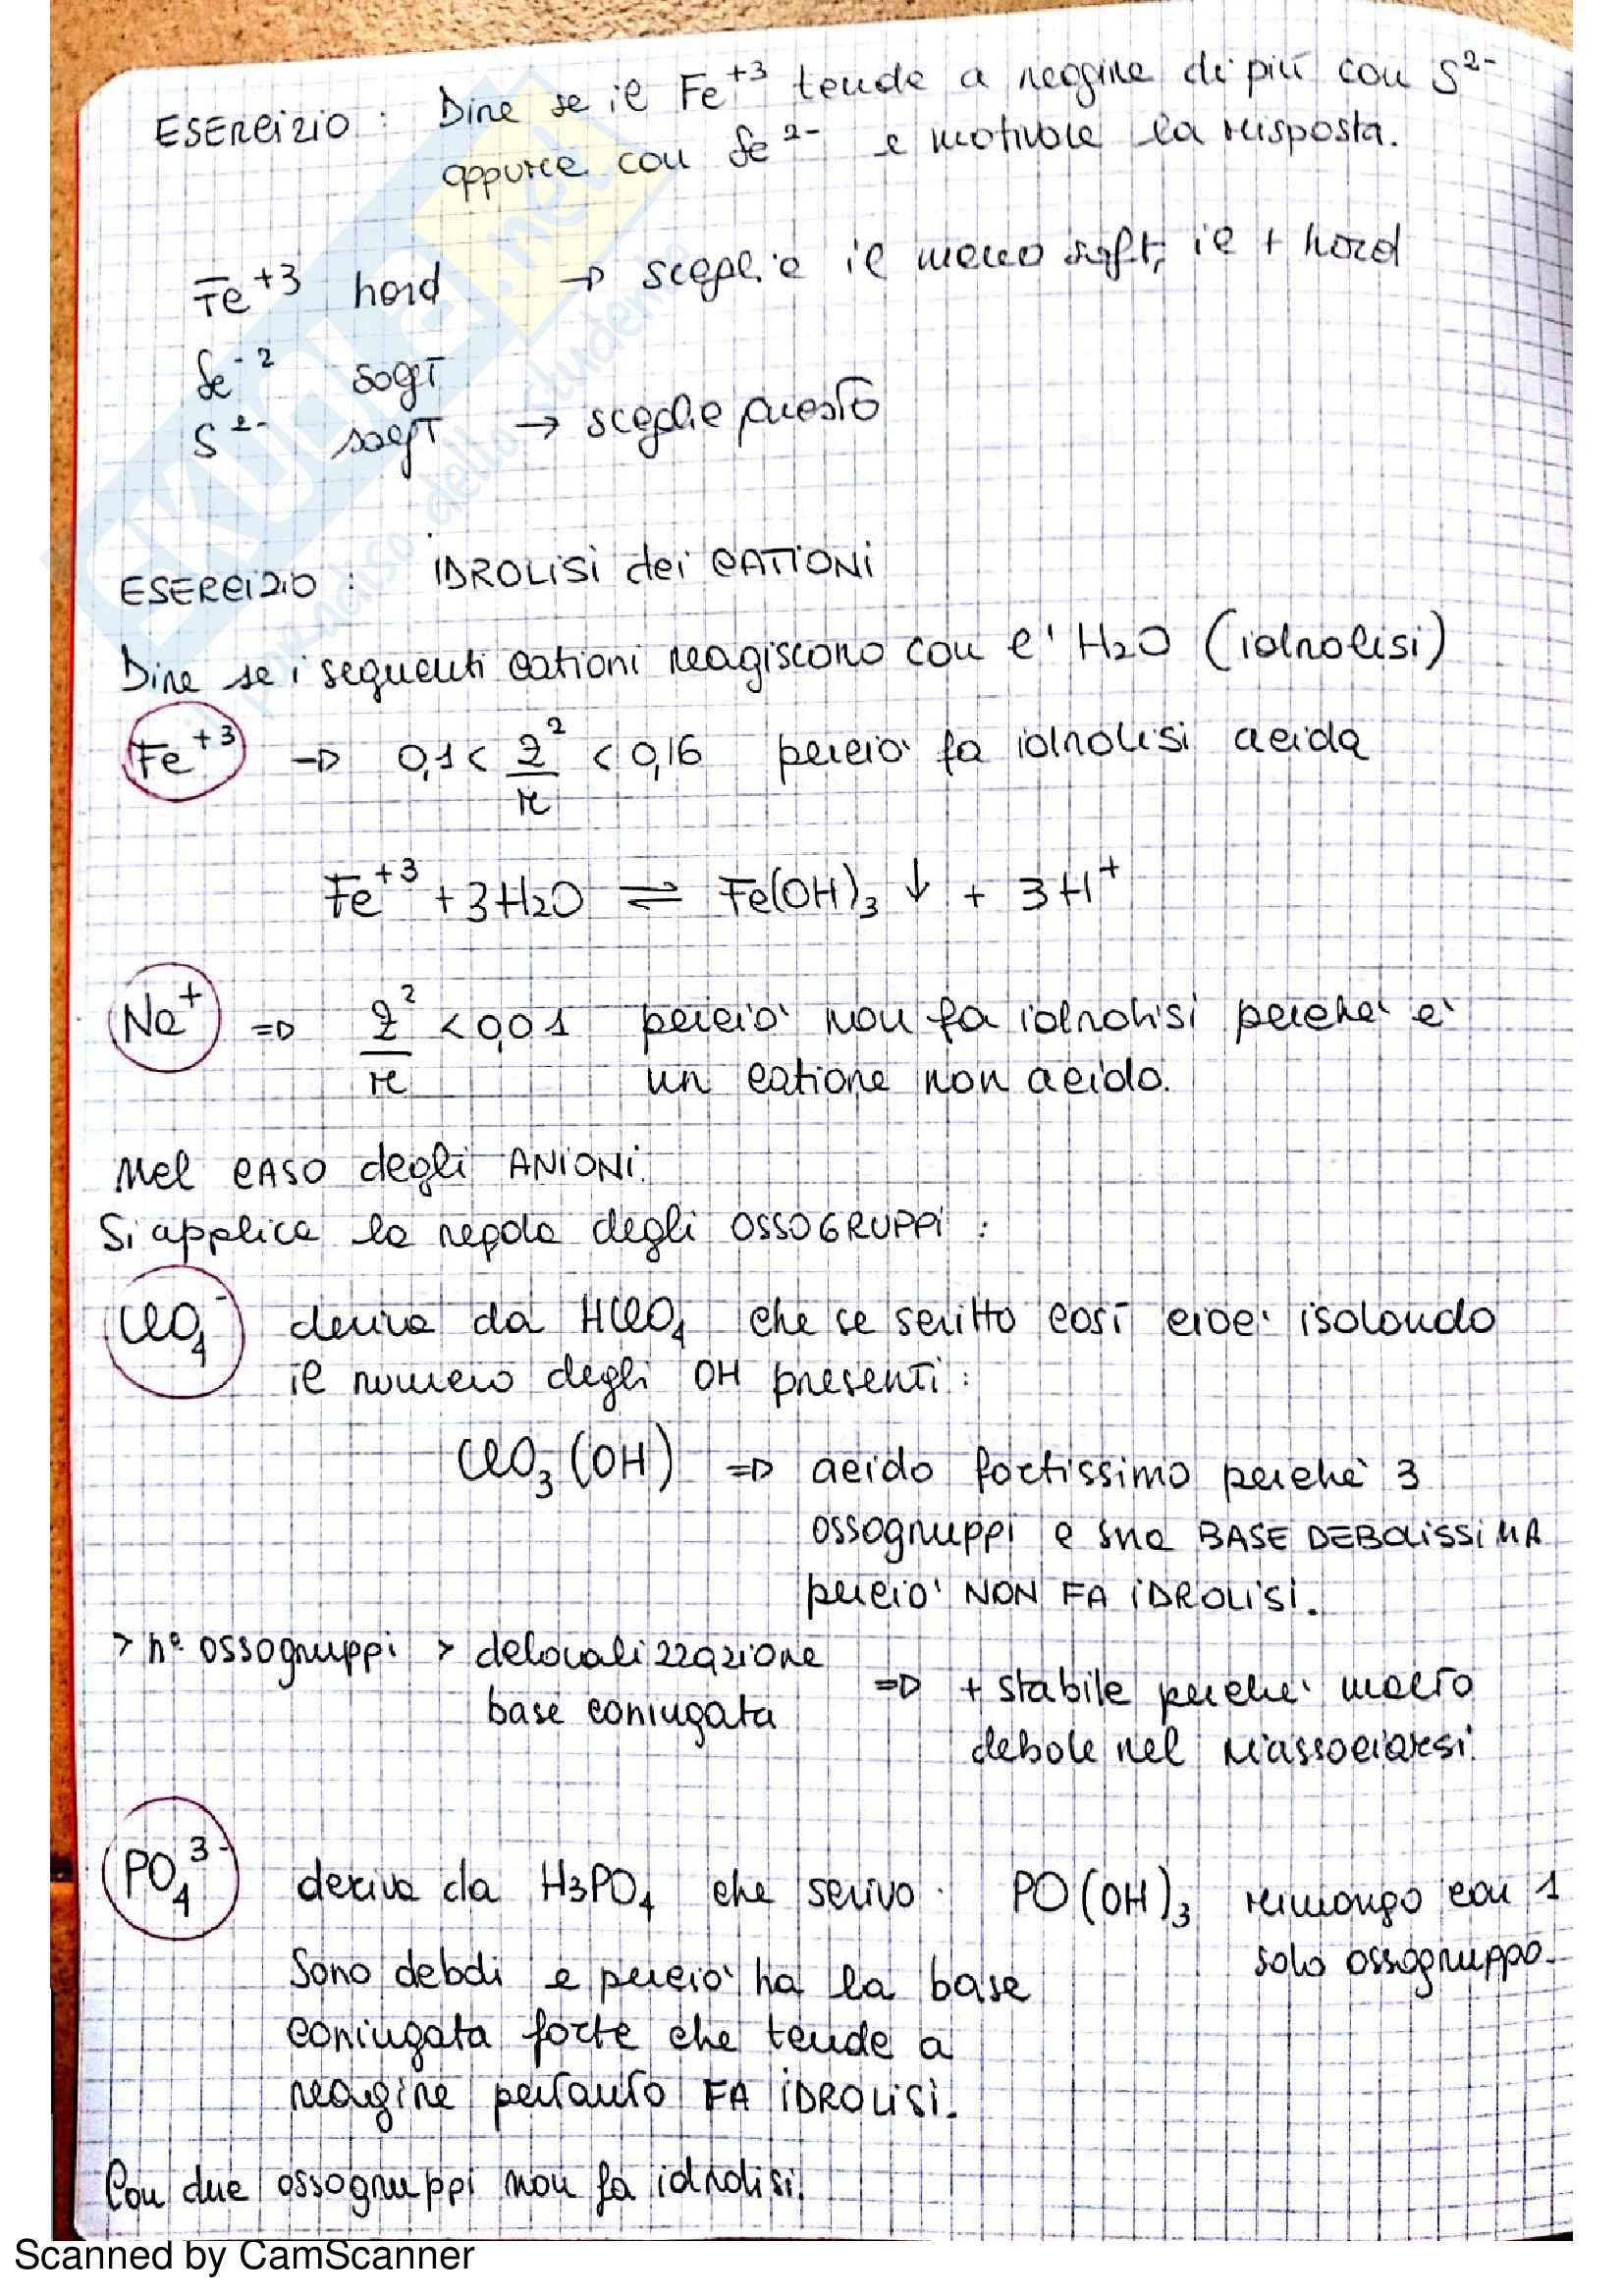 Appunti completi di chimica analitica comprensivi di esercizi d'esame Pag. 26